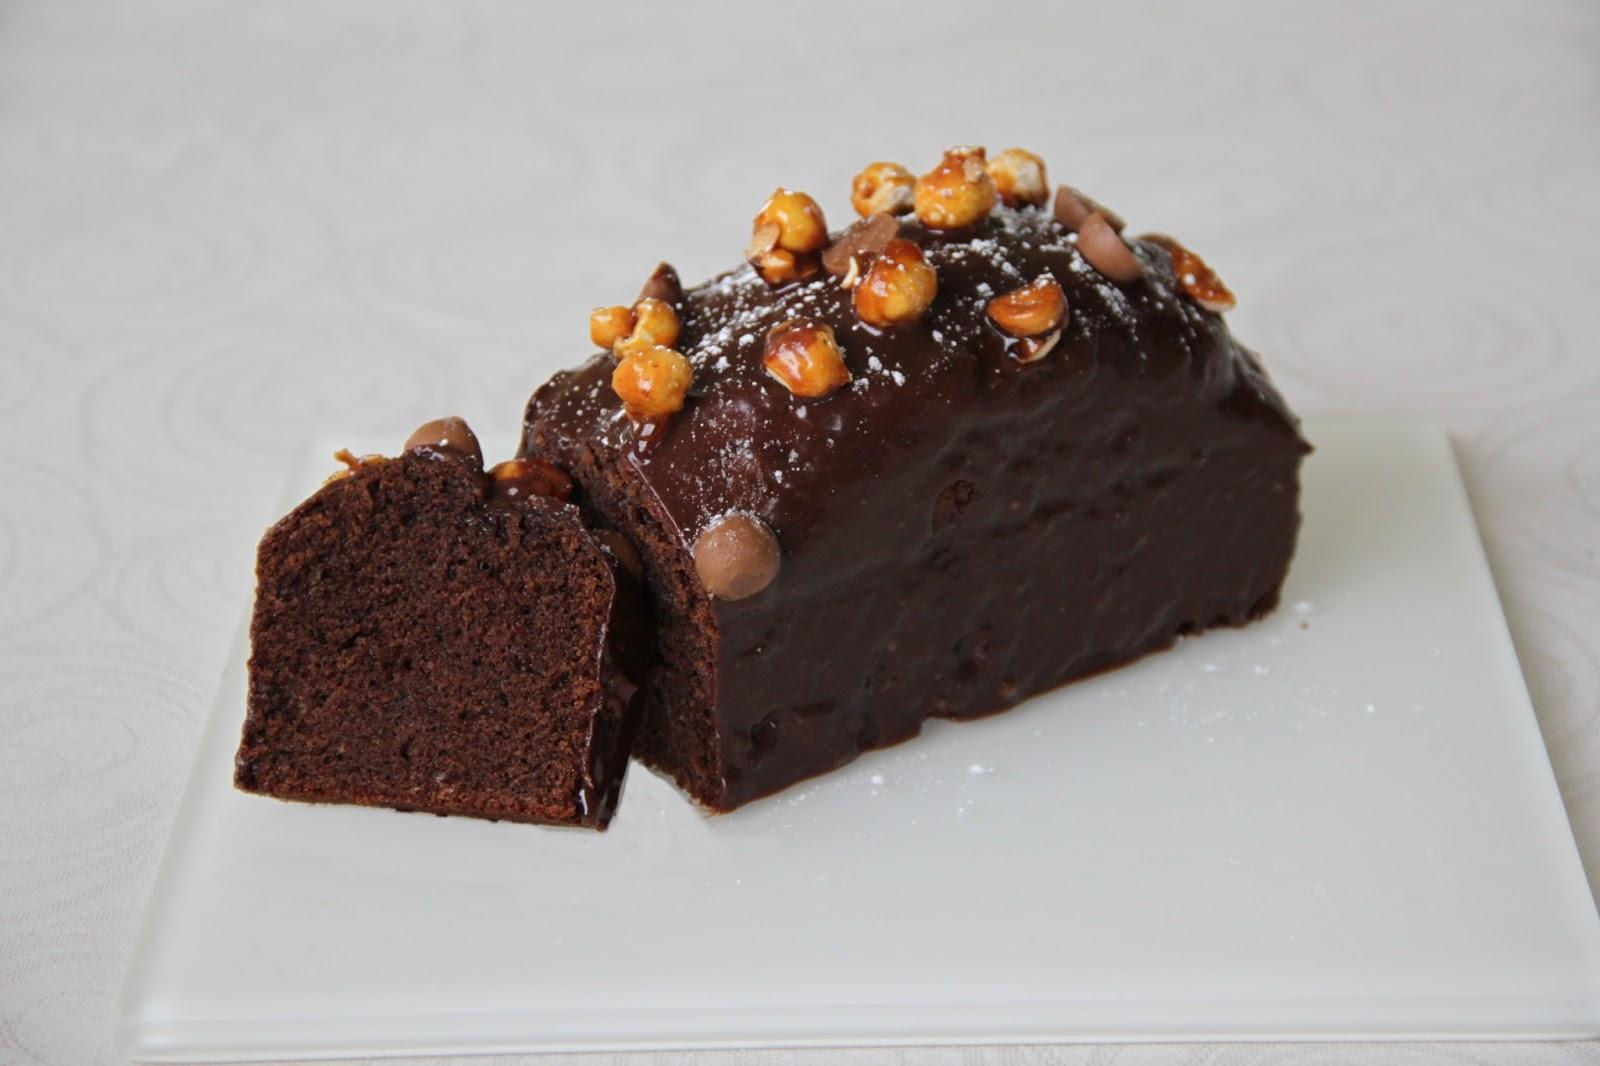 Gateau au chocolat de michalak